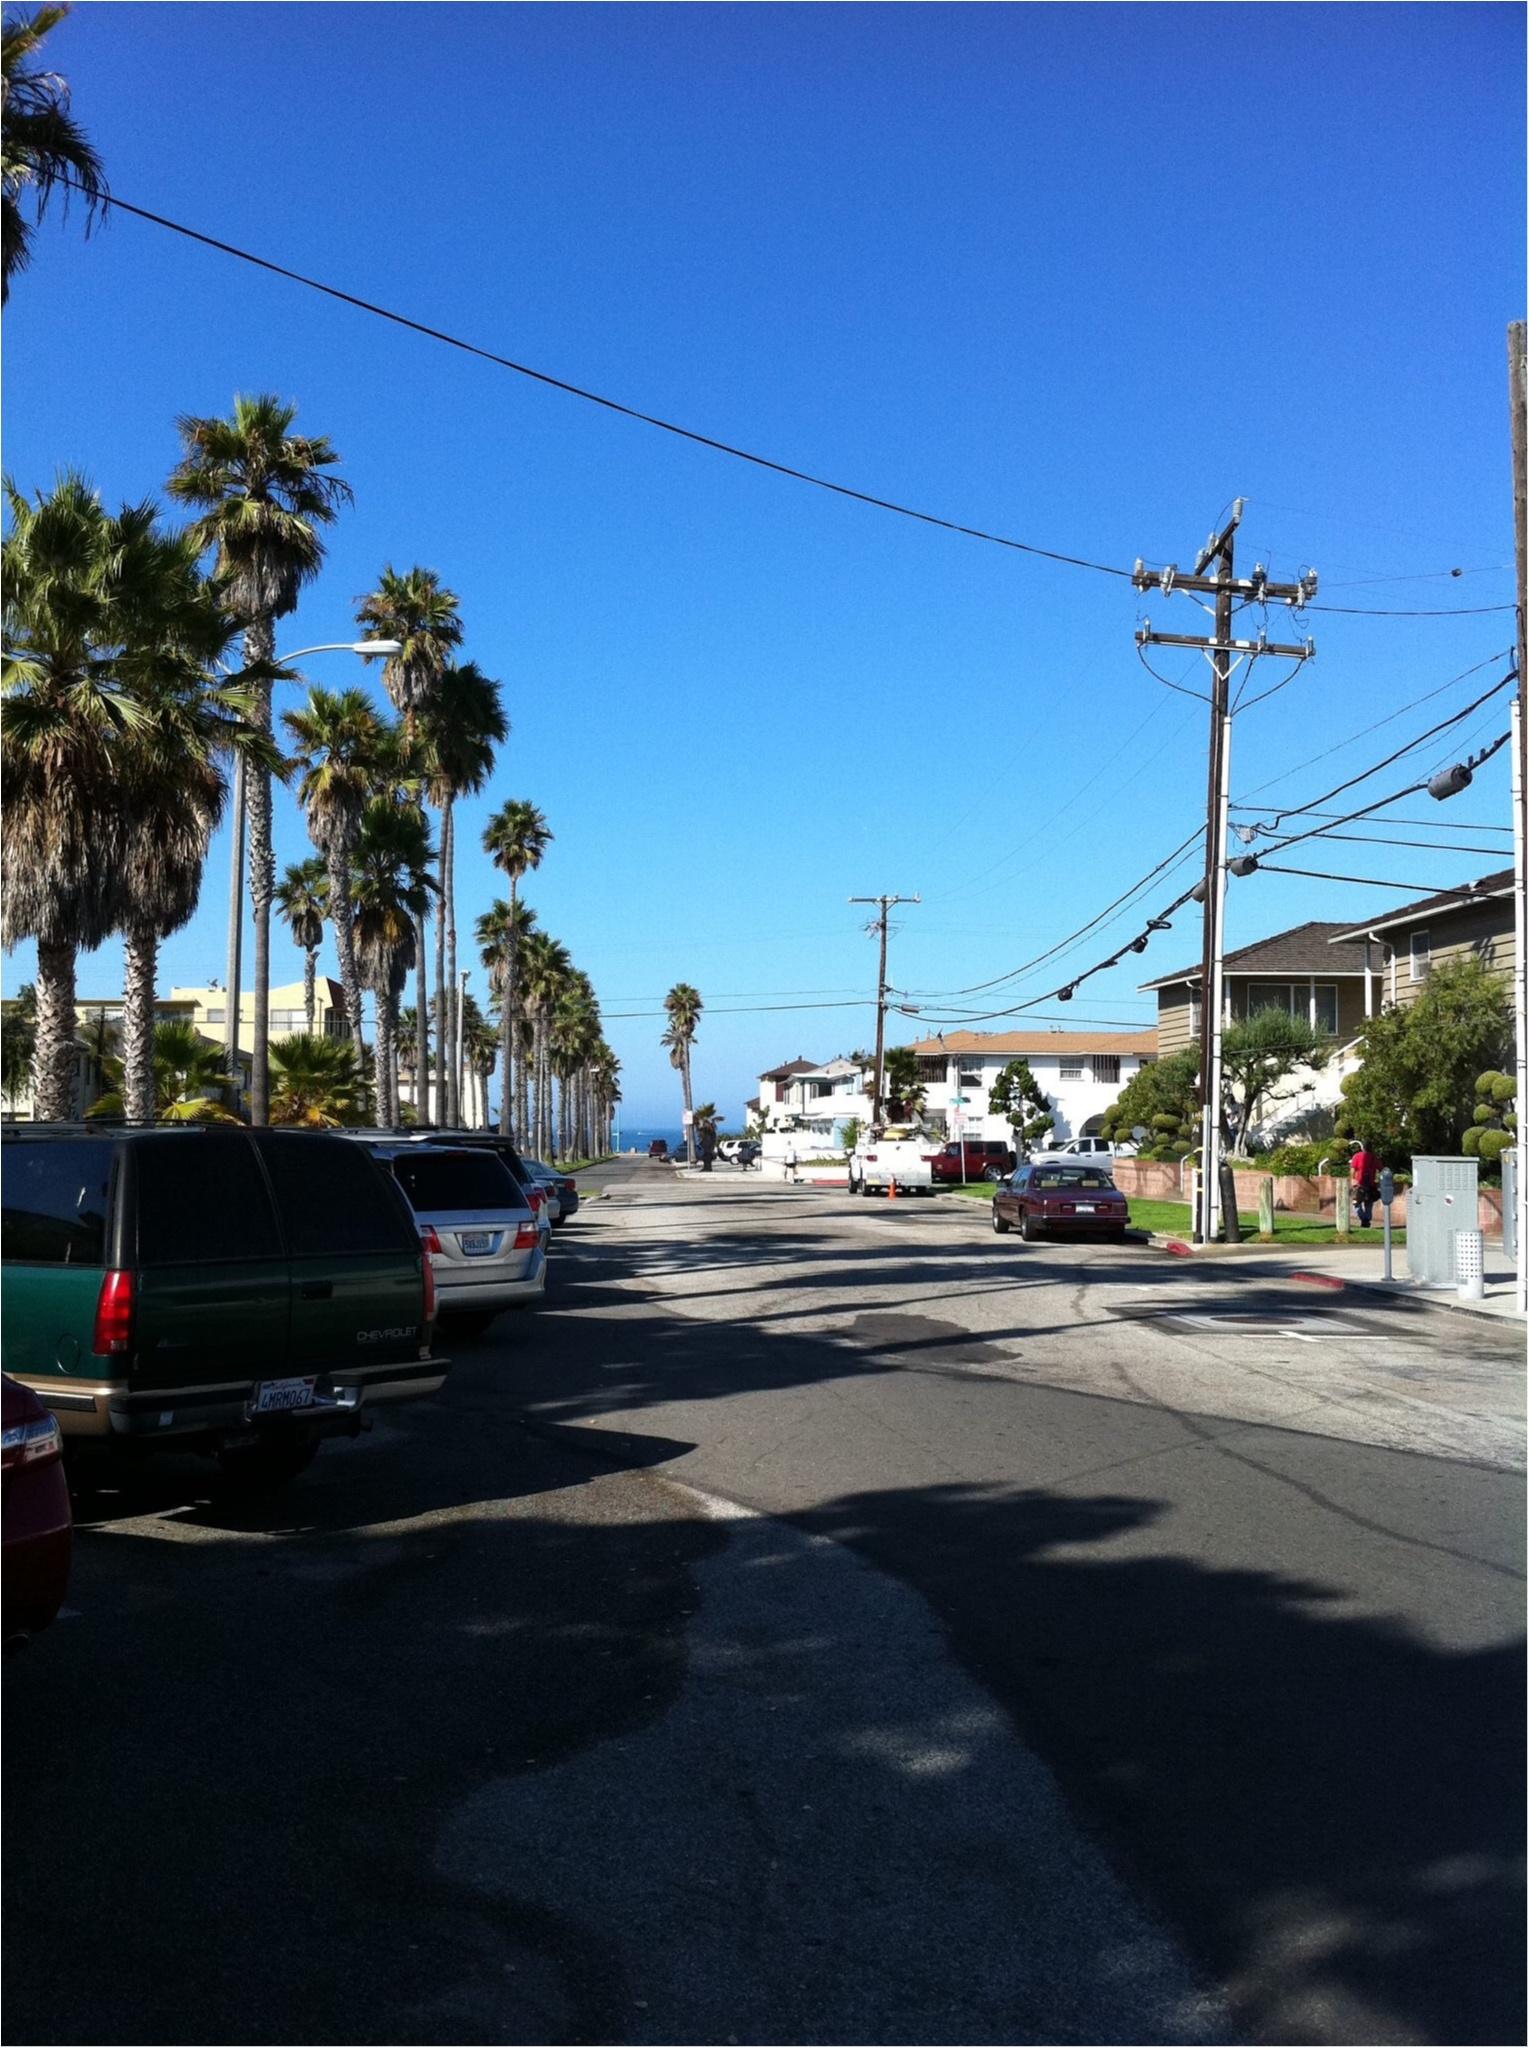 写真でも、きっと伝わるこの魅力✨朝から晩まで眺めた《*ロサンゼルスの広い空*》_6